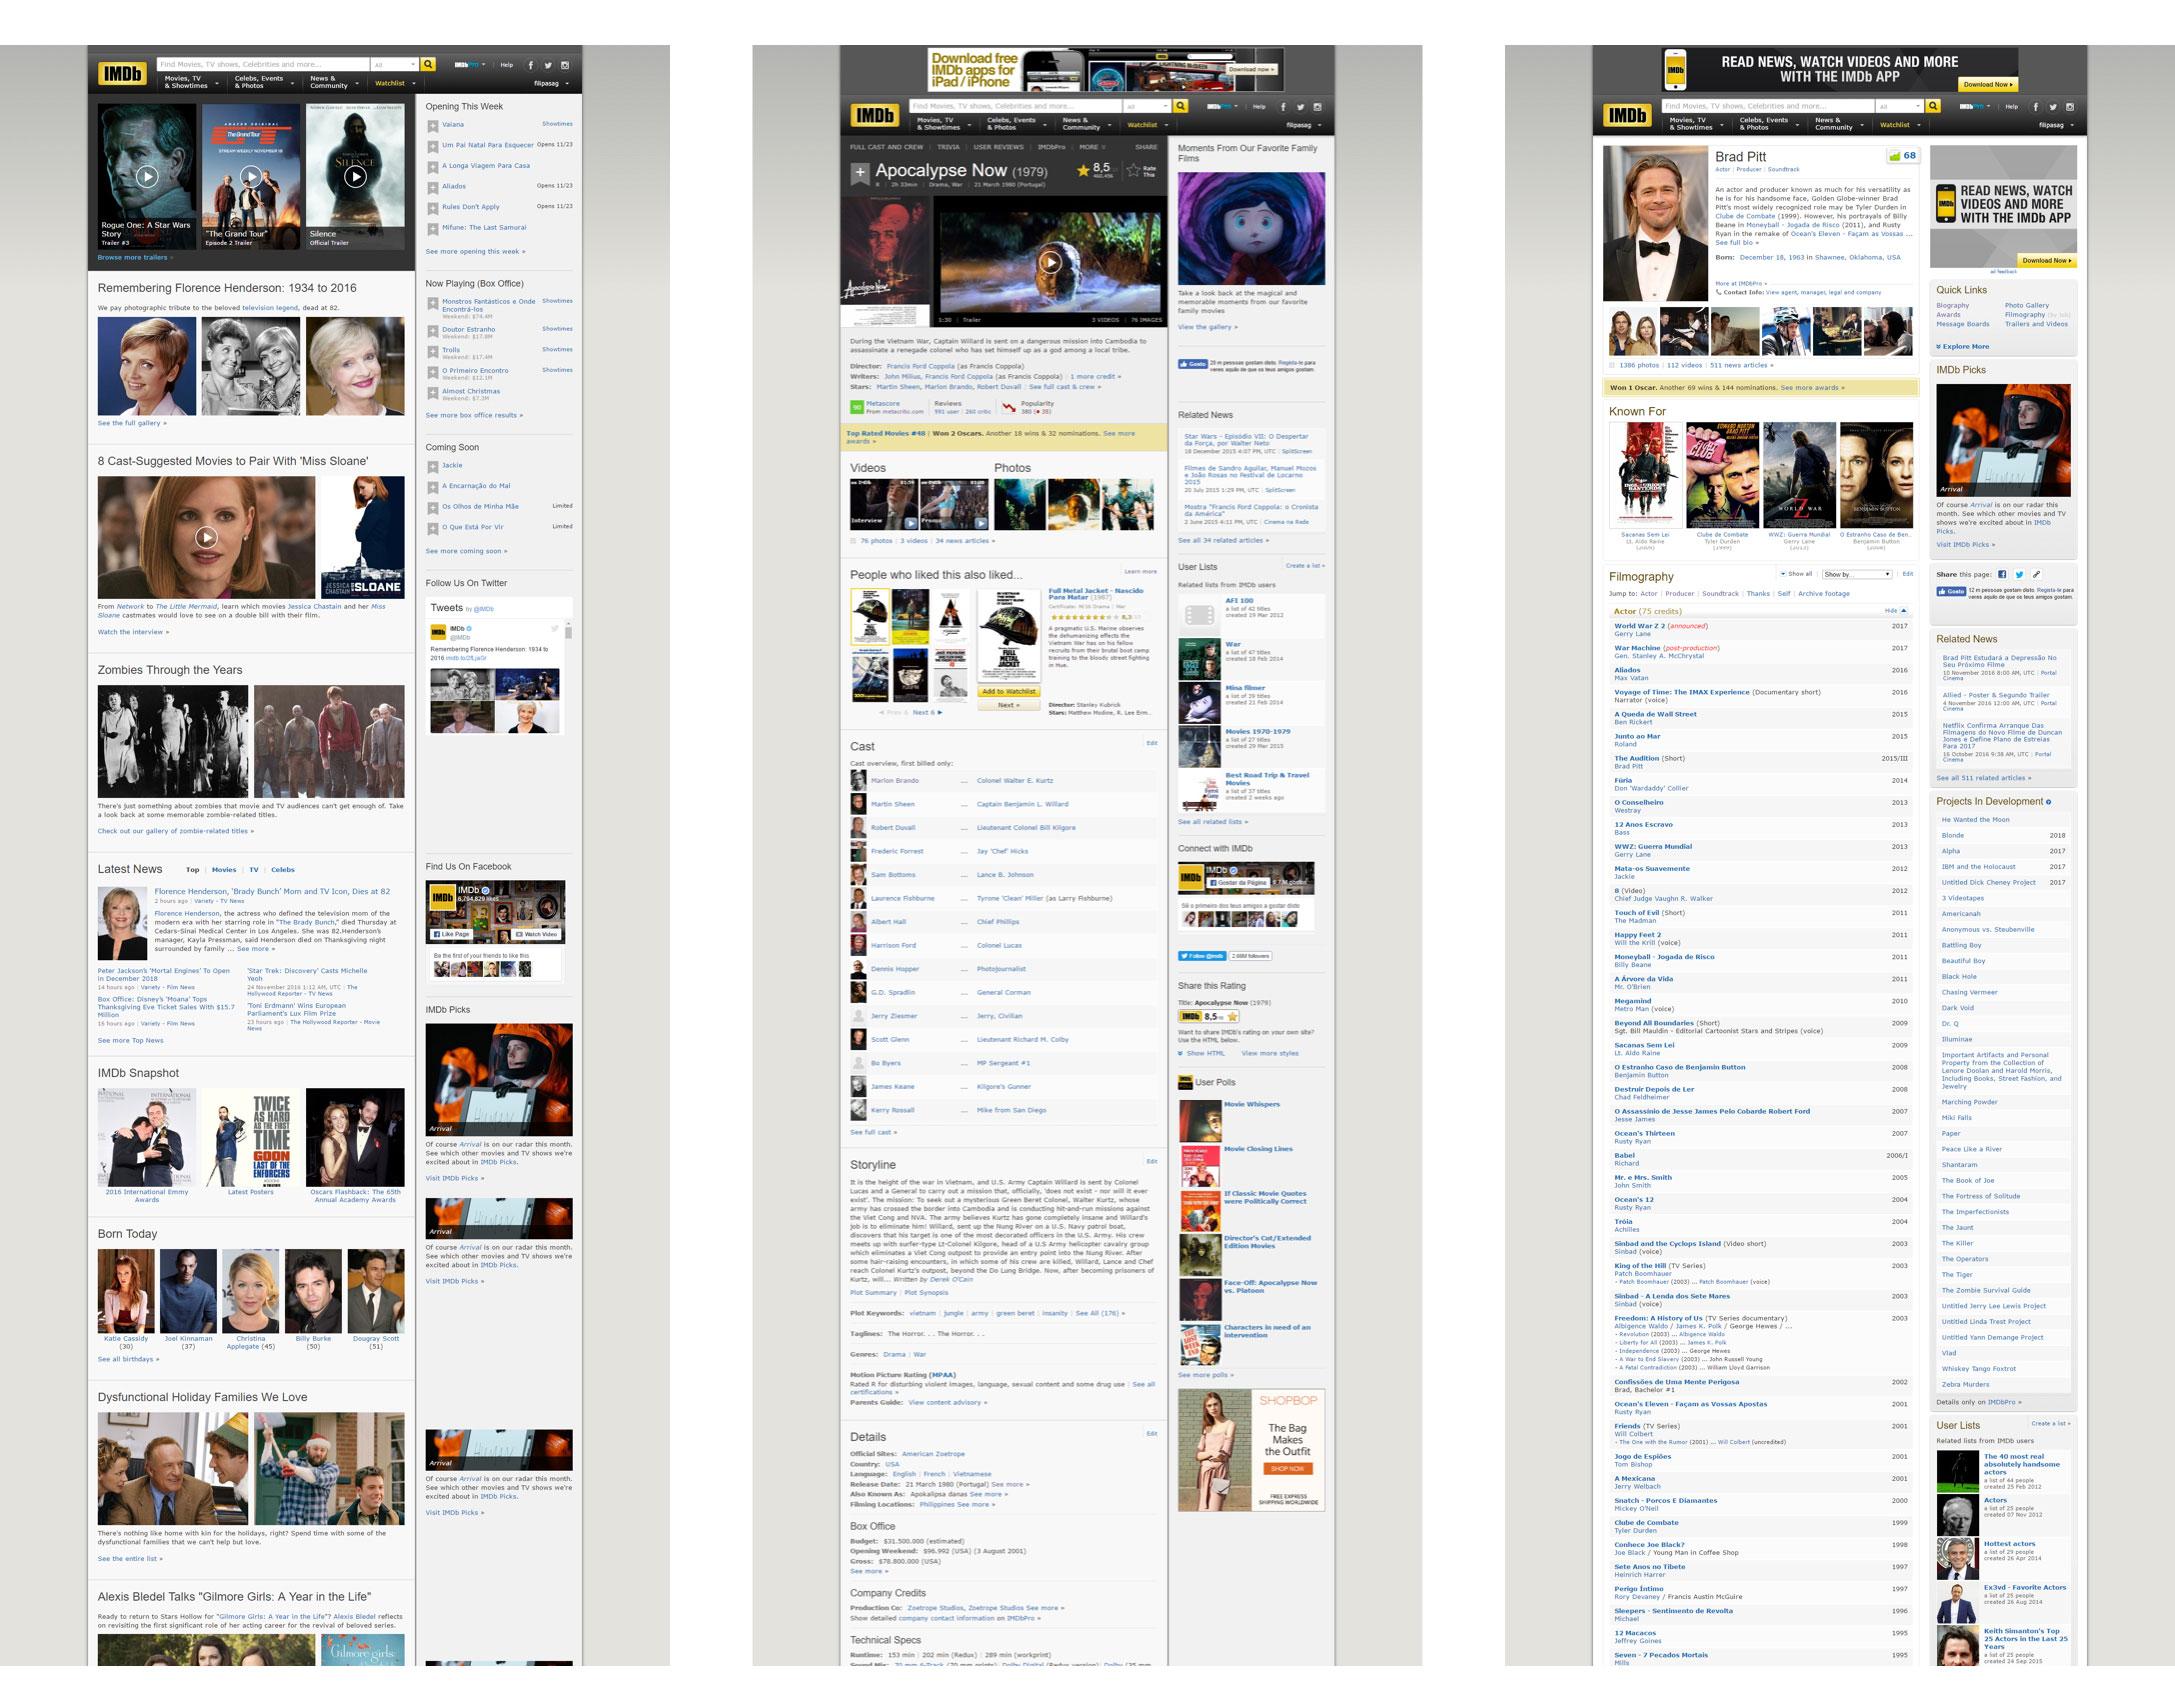 GitHub - FilipaGo/imdb-redesign-desktop-site-prototype: 🎥 IMDb ...